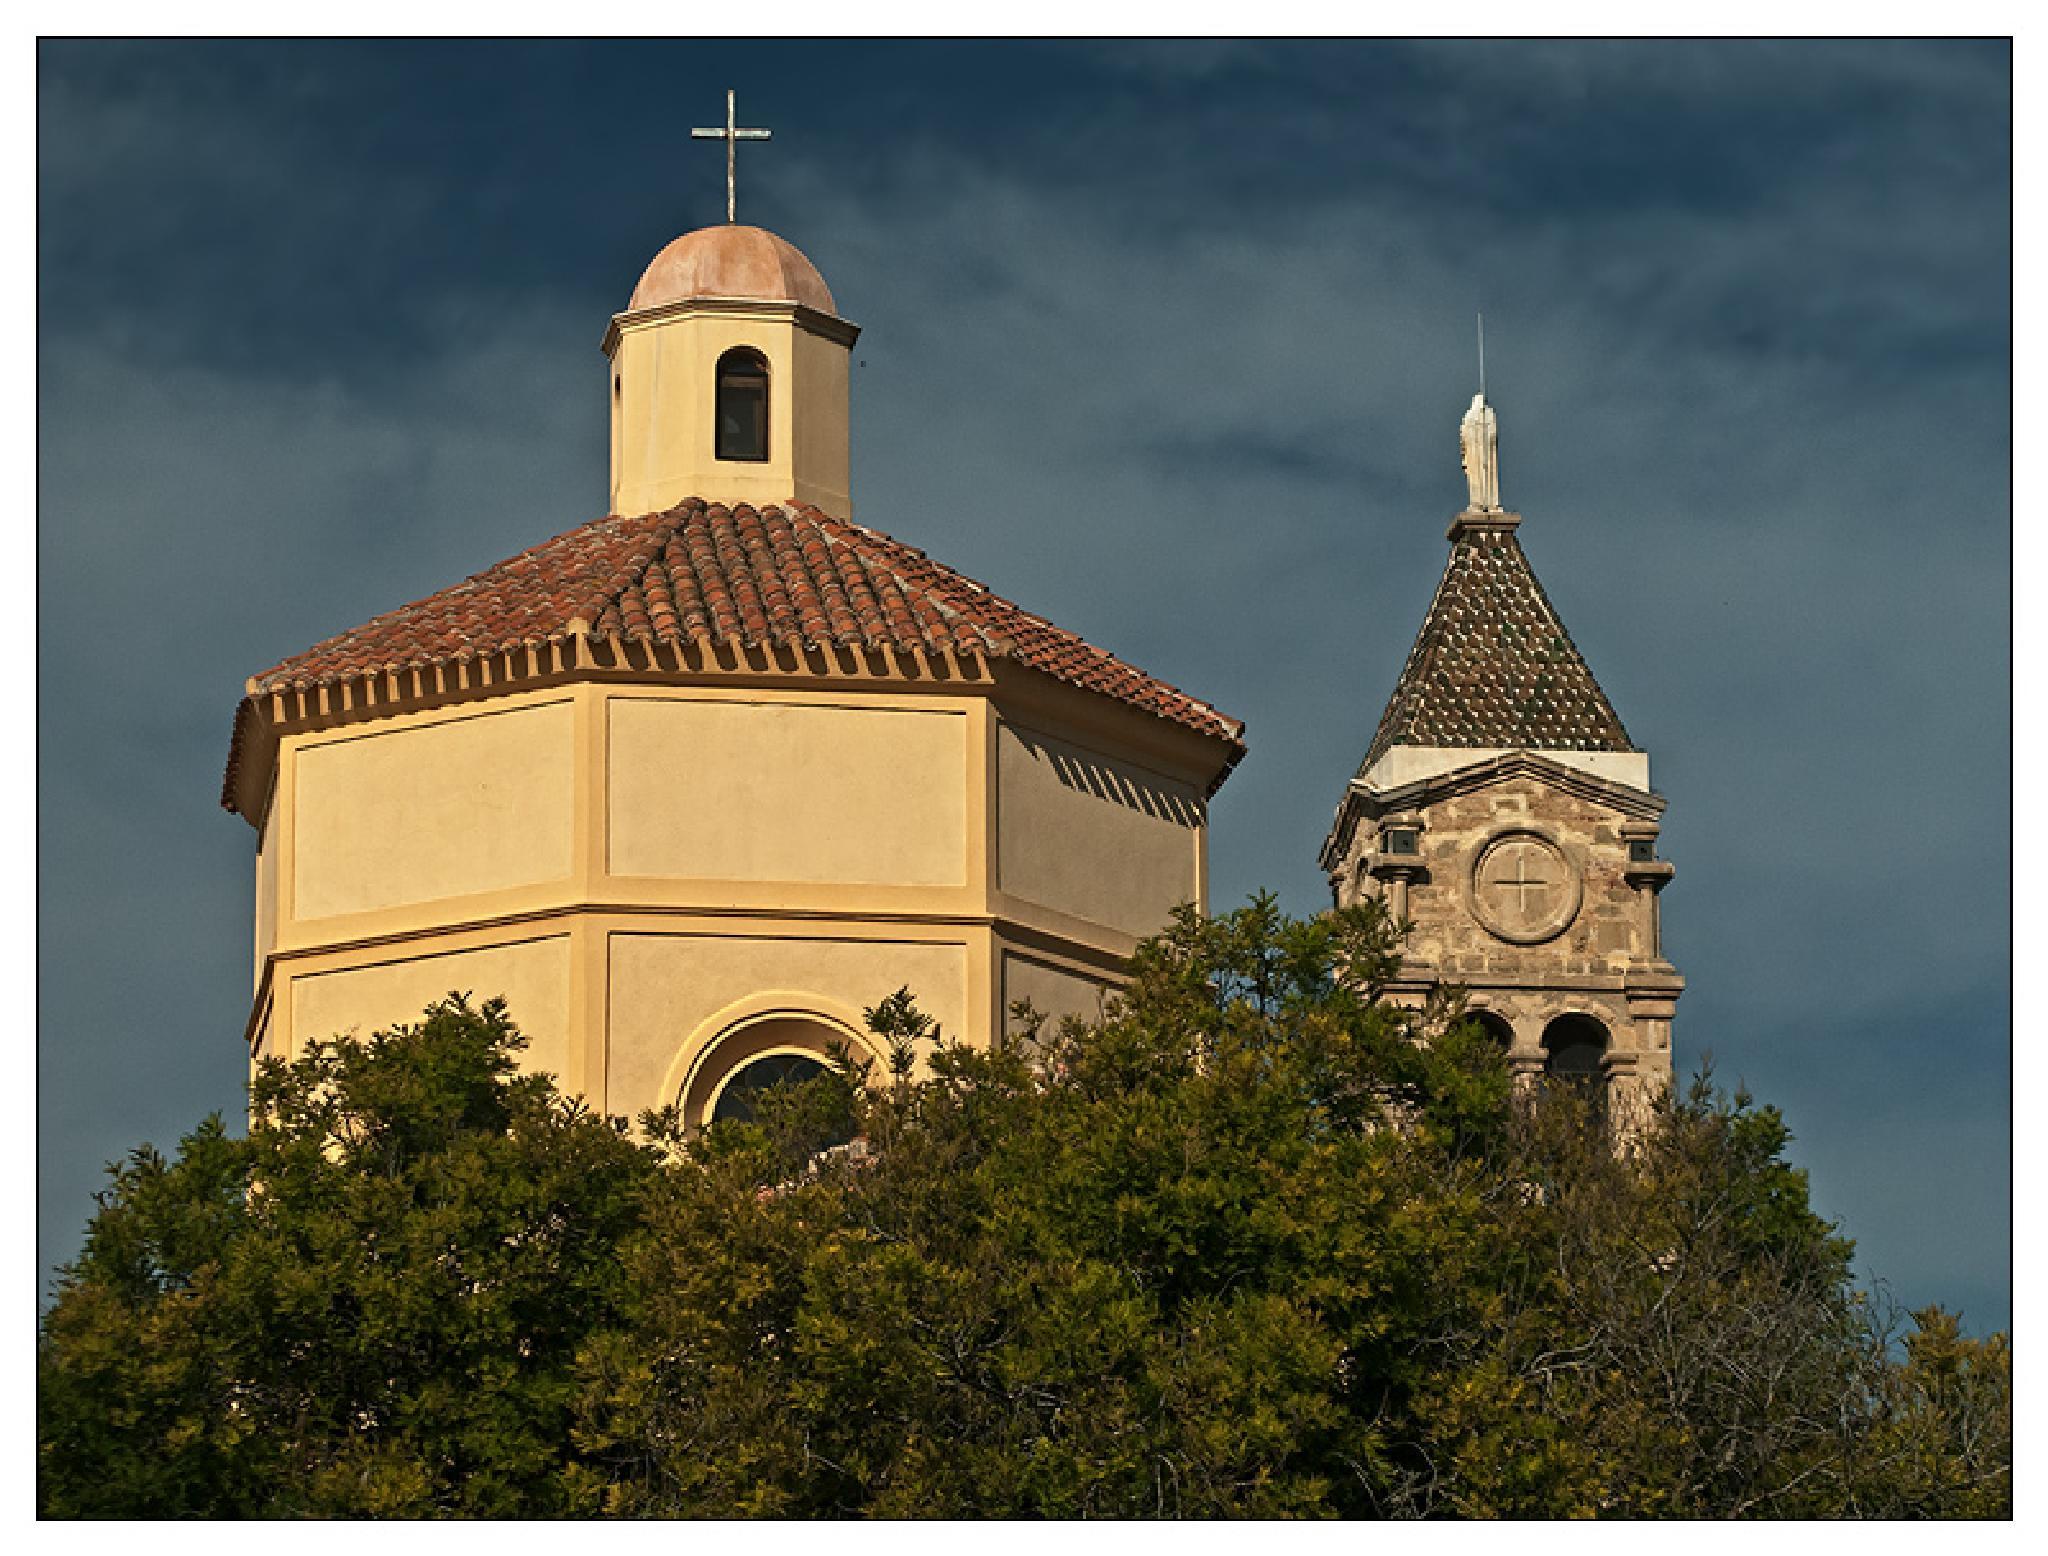 Nostra Signora del Rimedio, Oristano by longroute